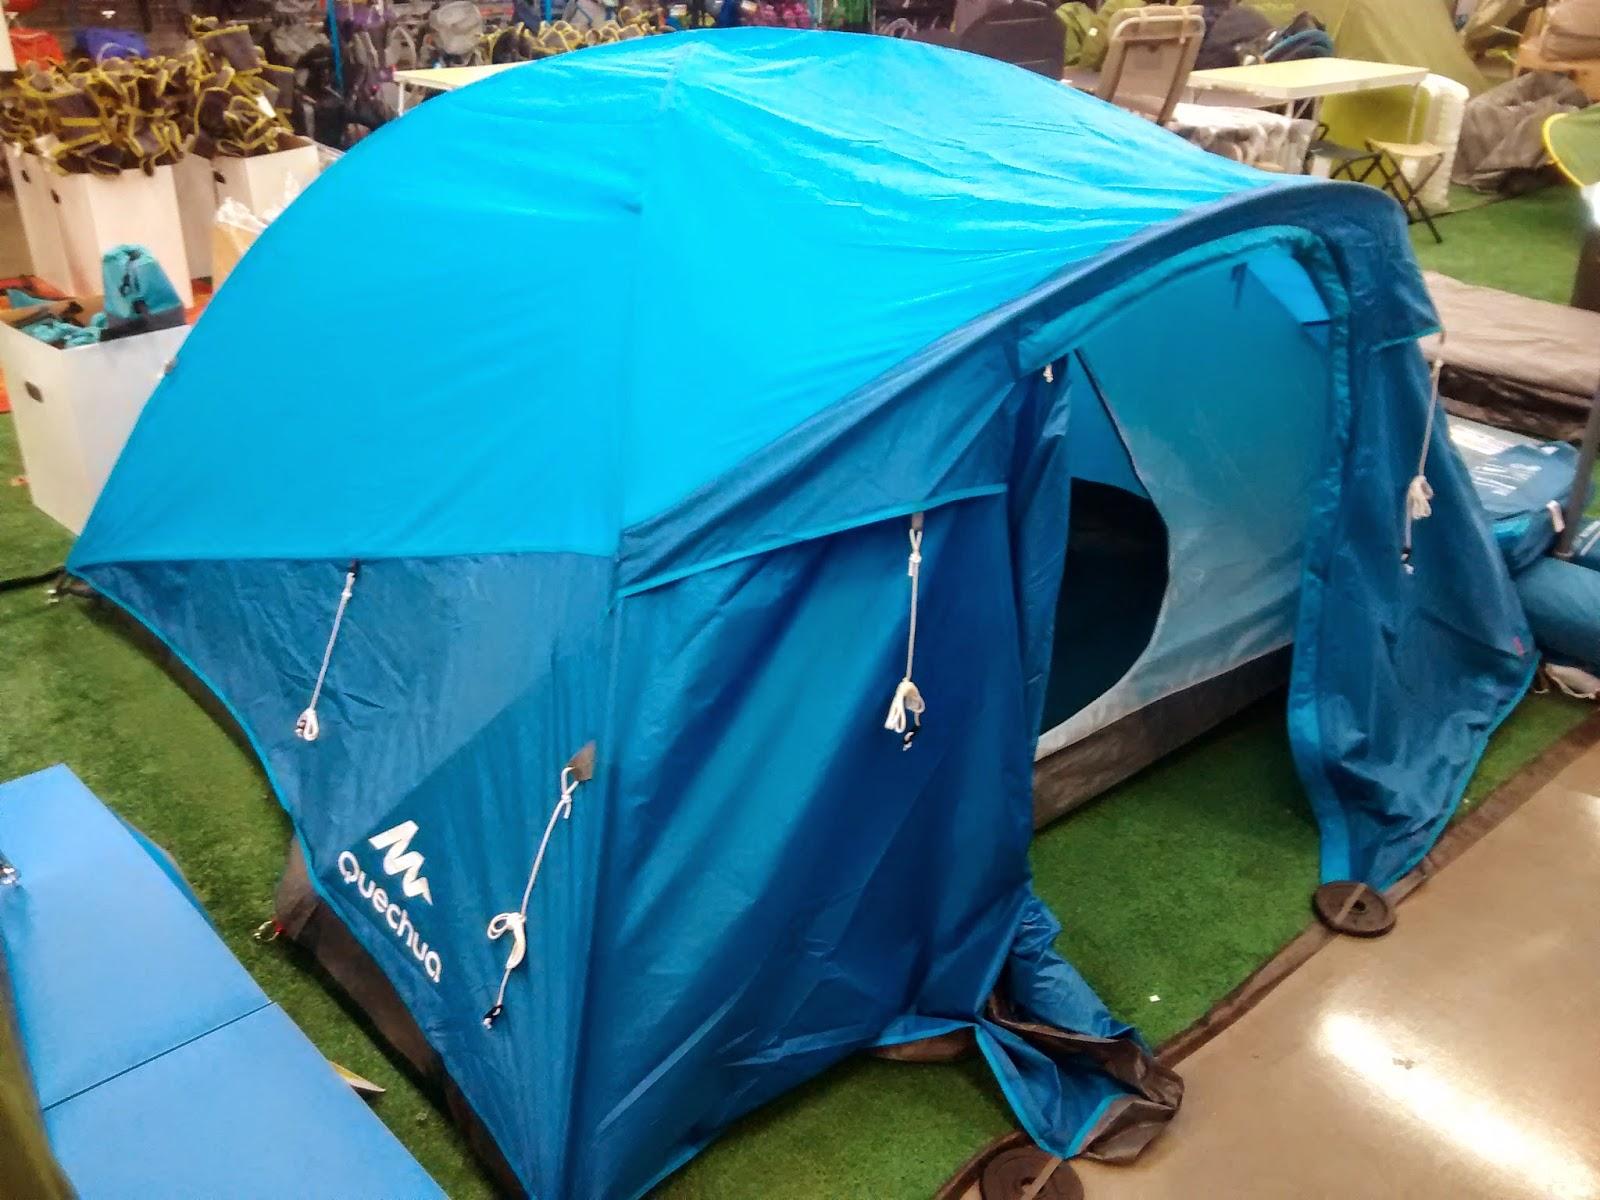 0d9208d1a Pra aqueles que procuram uma iglu realmente é uma ótima recomendação pelo  material